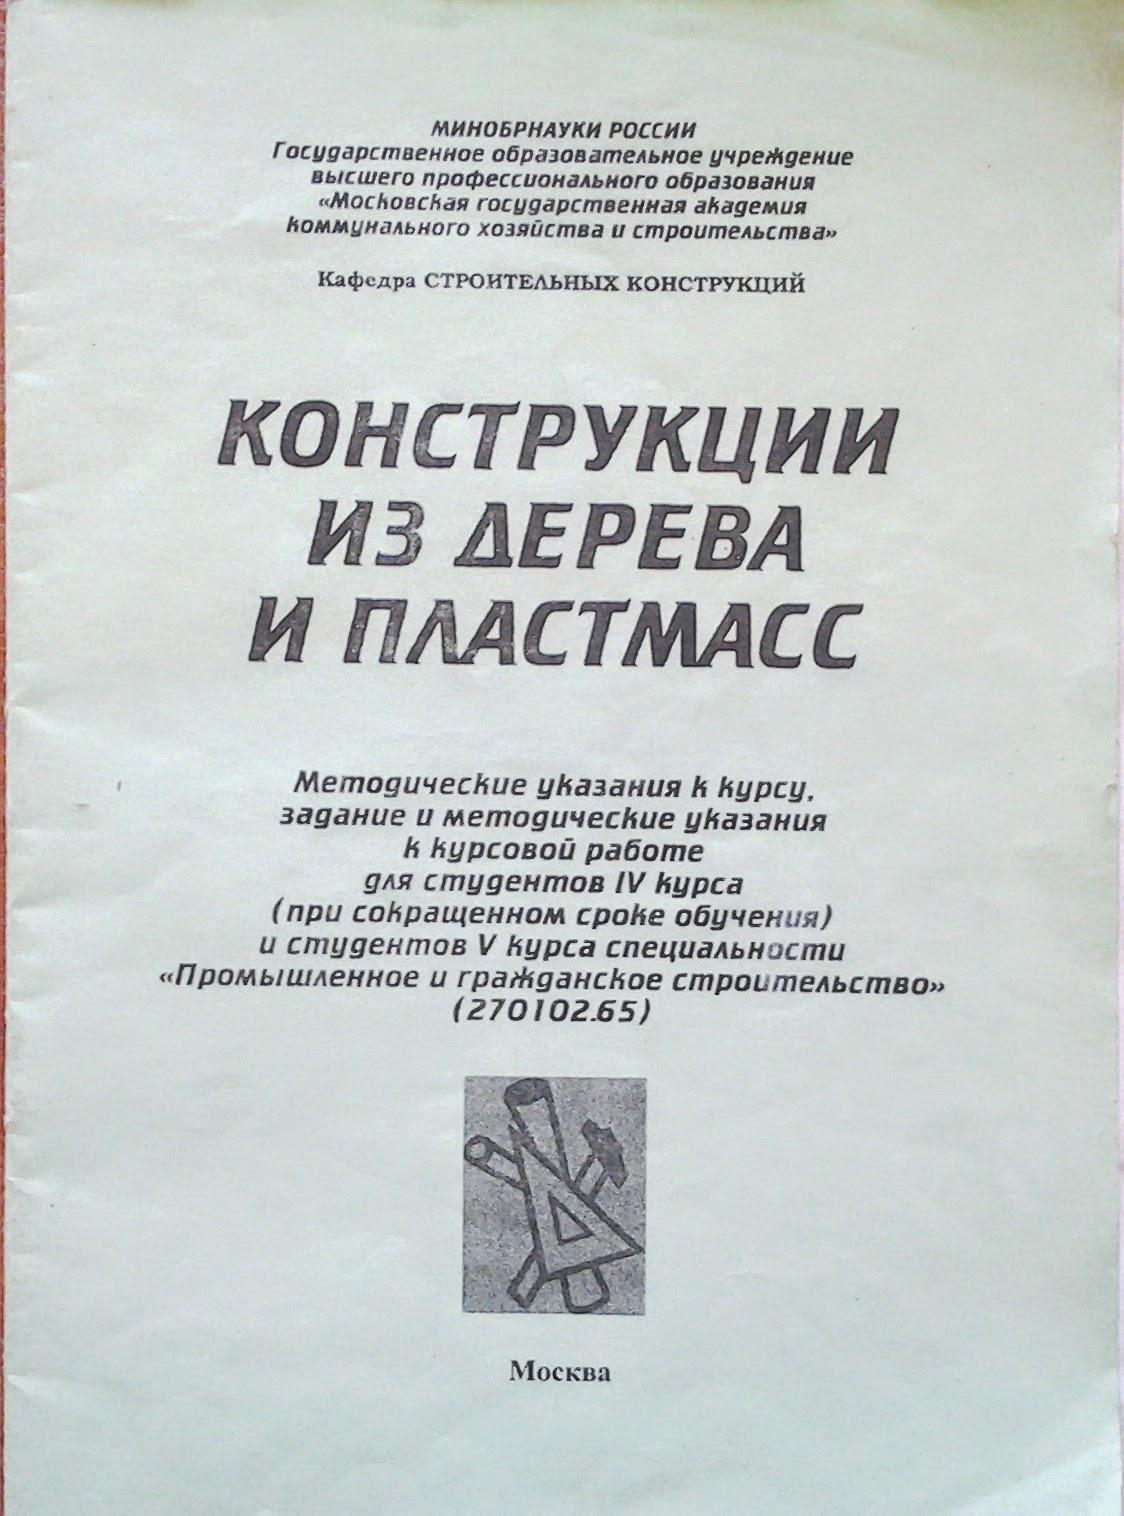 СООБЩЕСТВО ПГС мая   Промышленное и гражданское строительство 270102 65